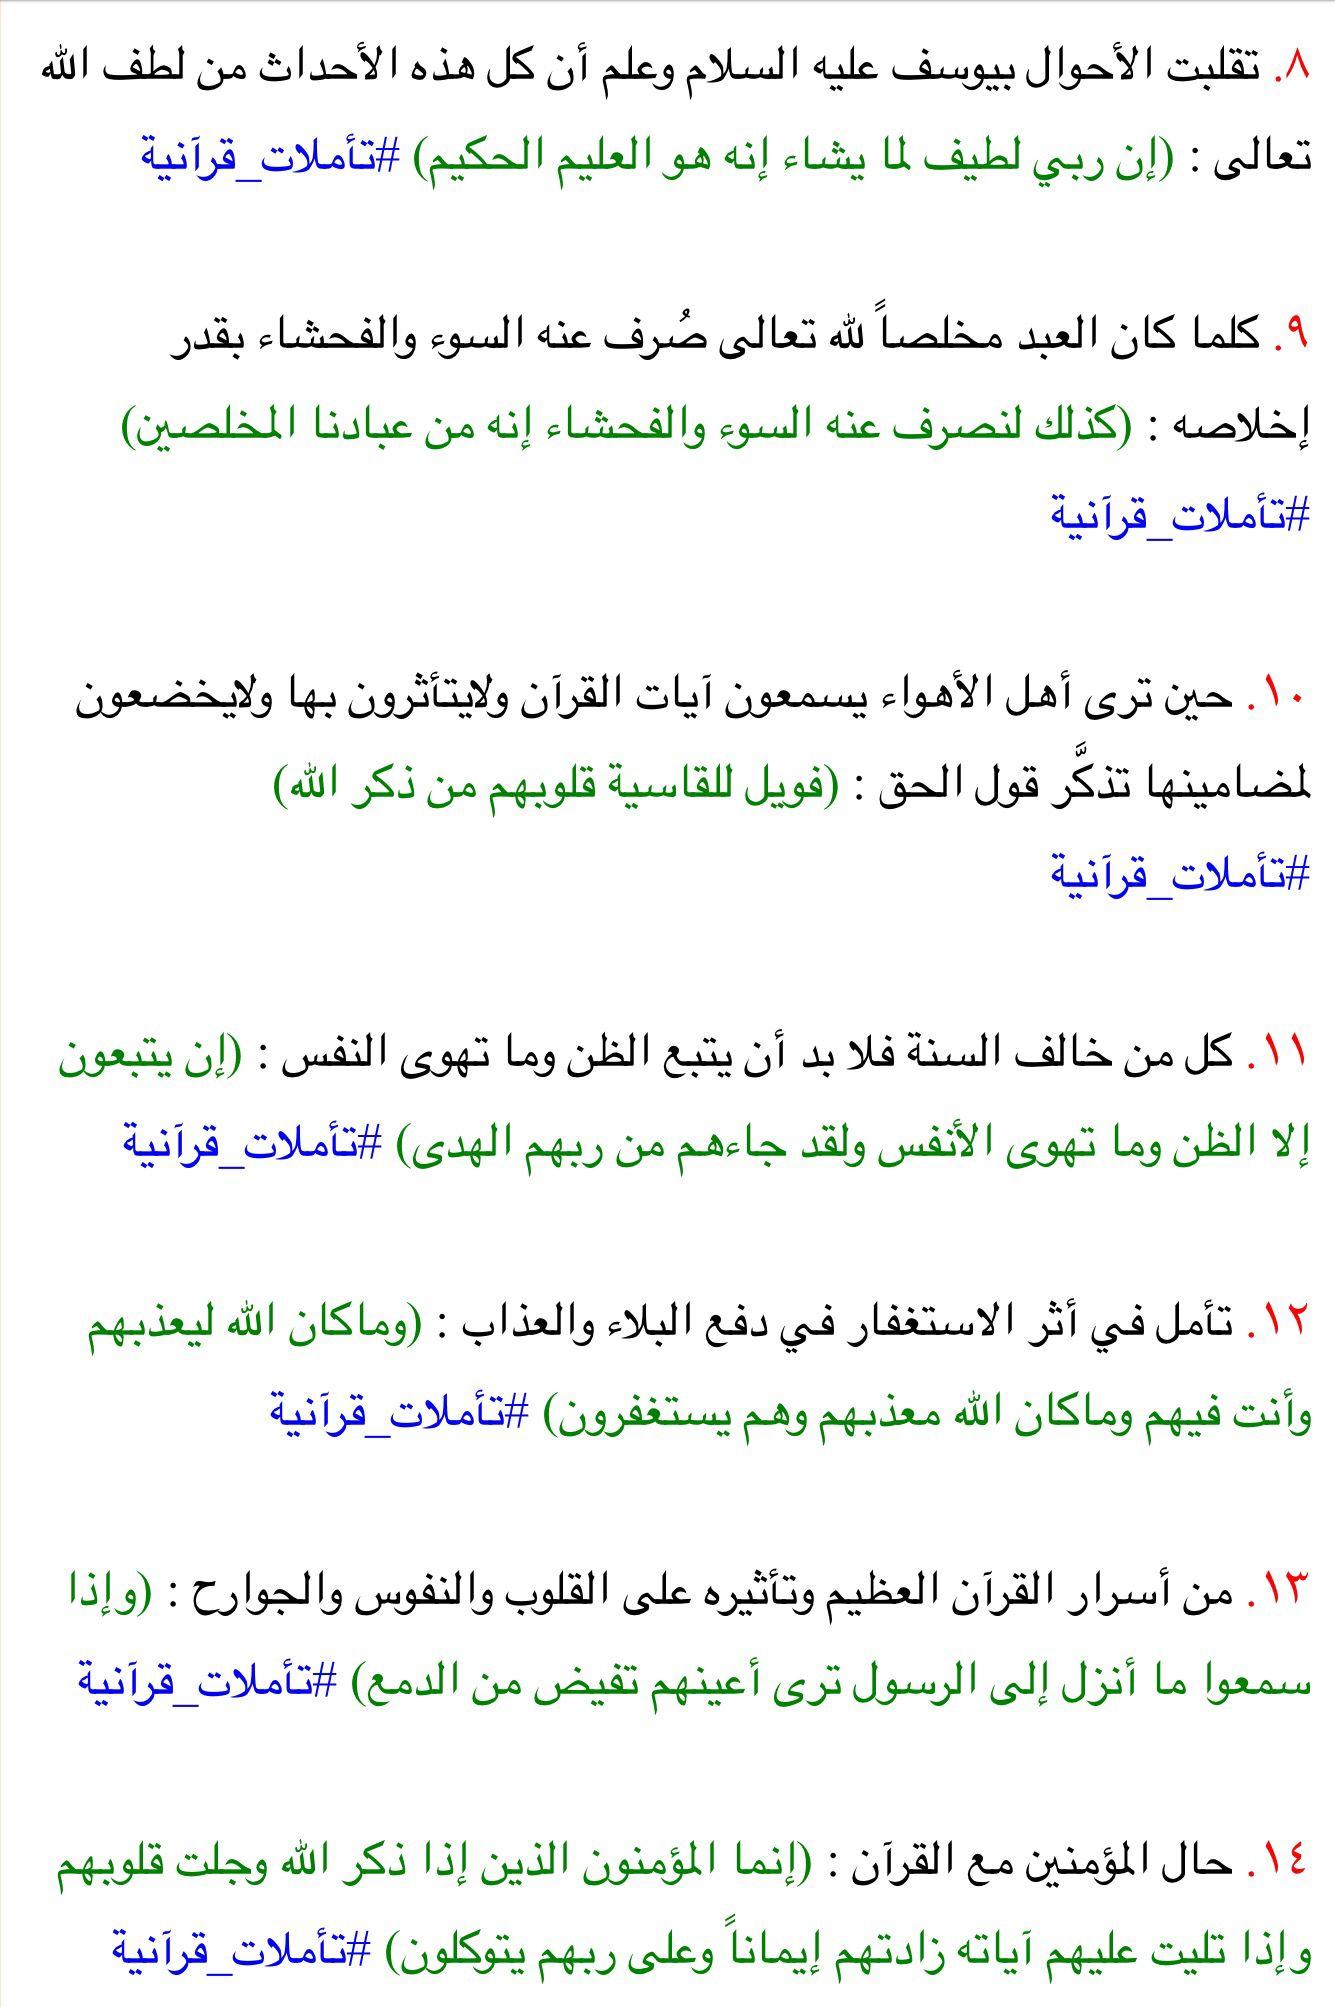 Pin By Rain Cloud On تدبر القرآن Allah Love Quran Verses Verses